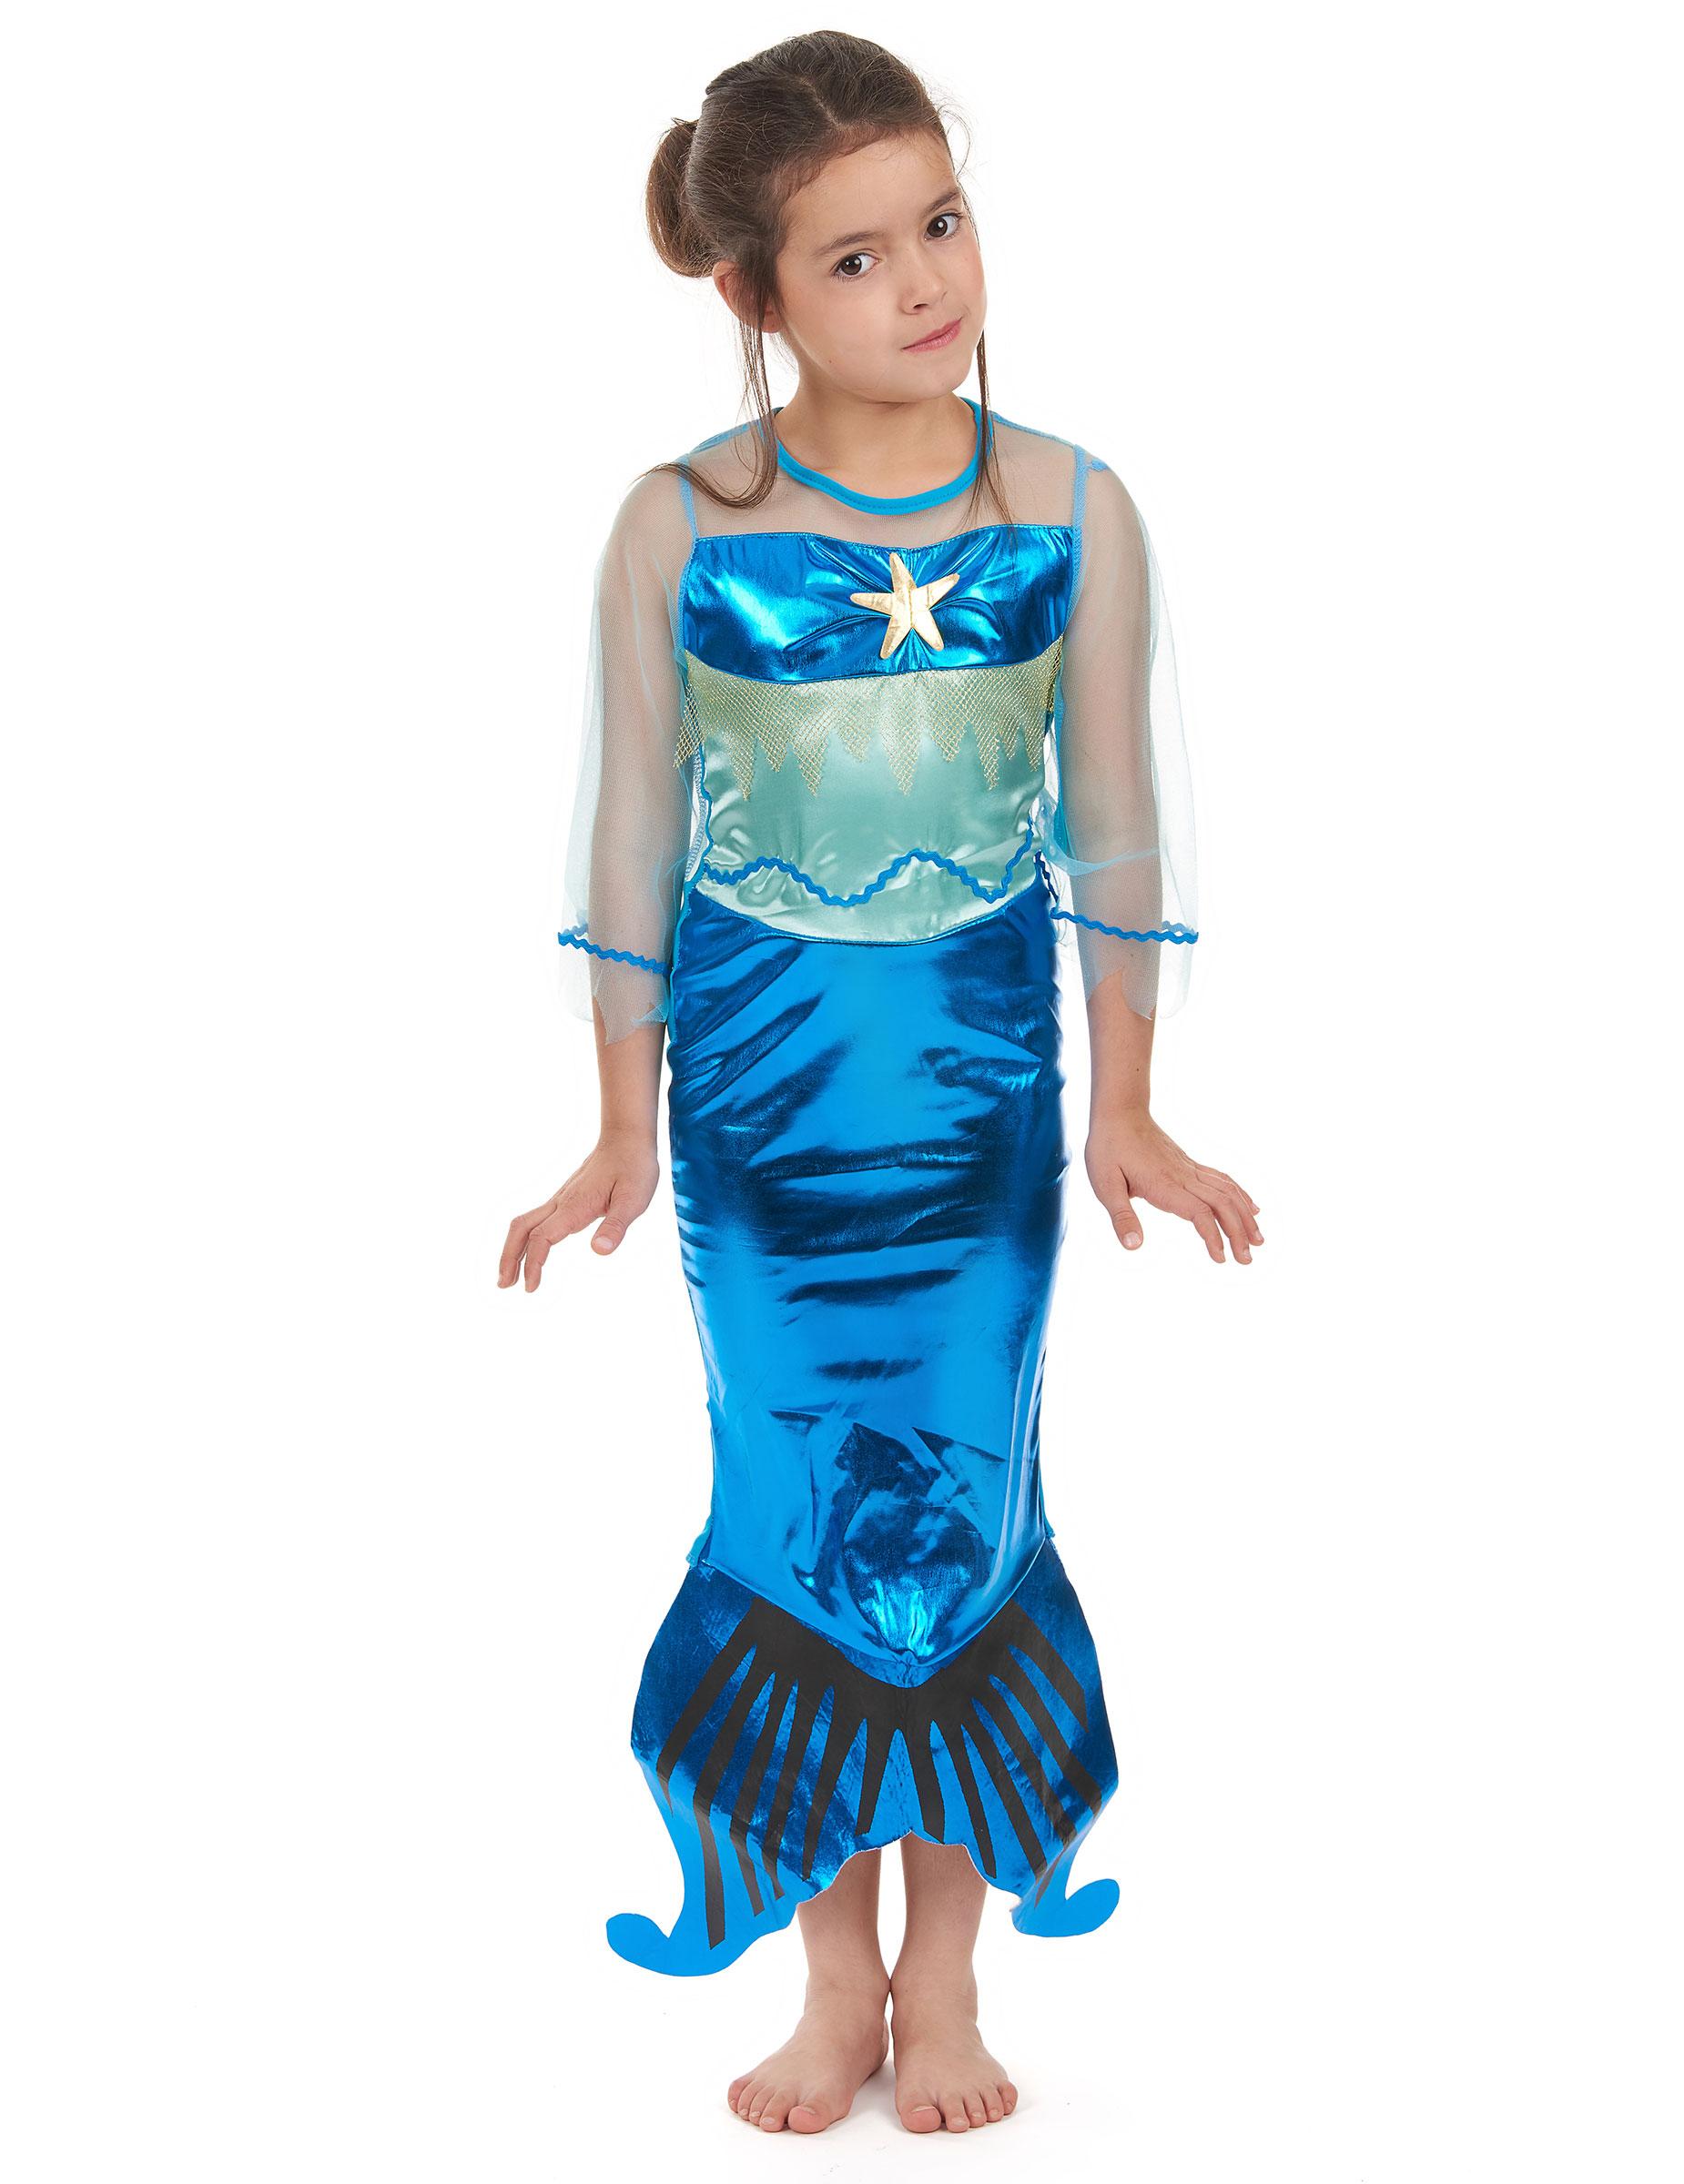 b24471cfdb3f6d Goedkoop zeemeerminnen kostuum voor meisjes - Vegaoo.nl